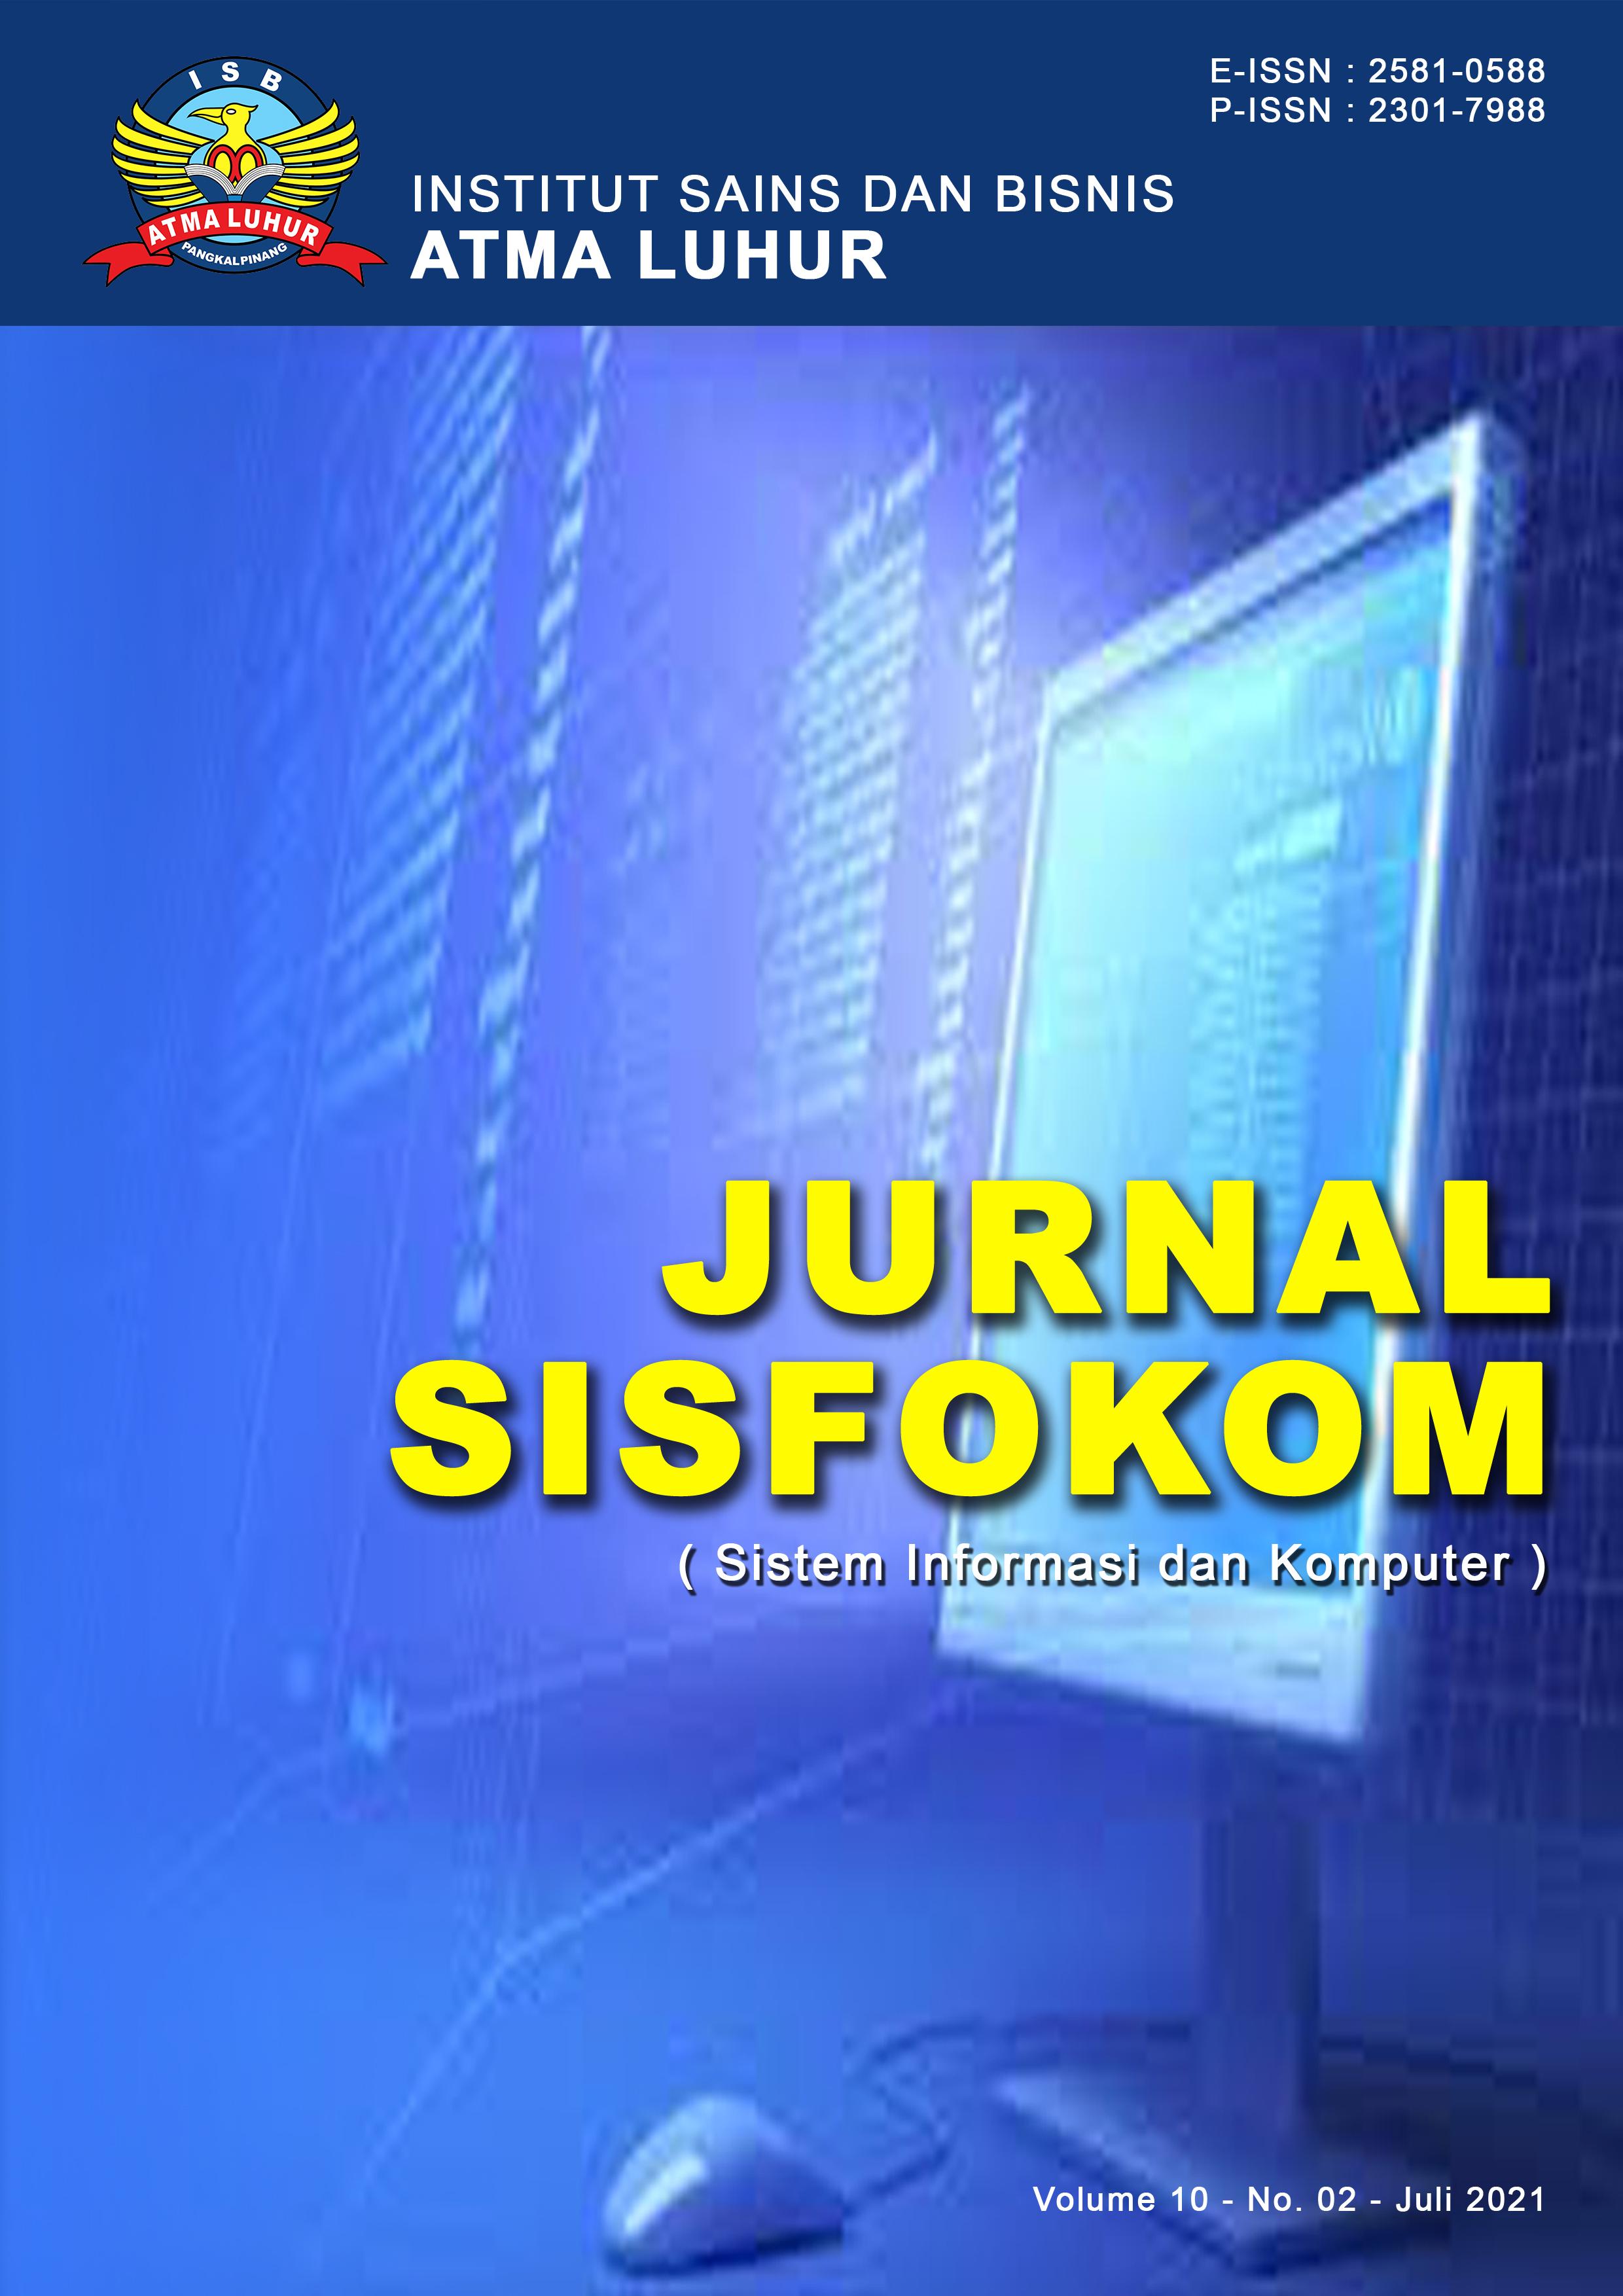 Cover Vol. 10 No. 2